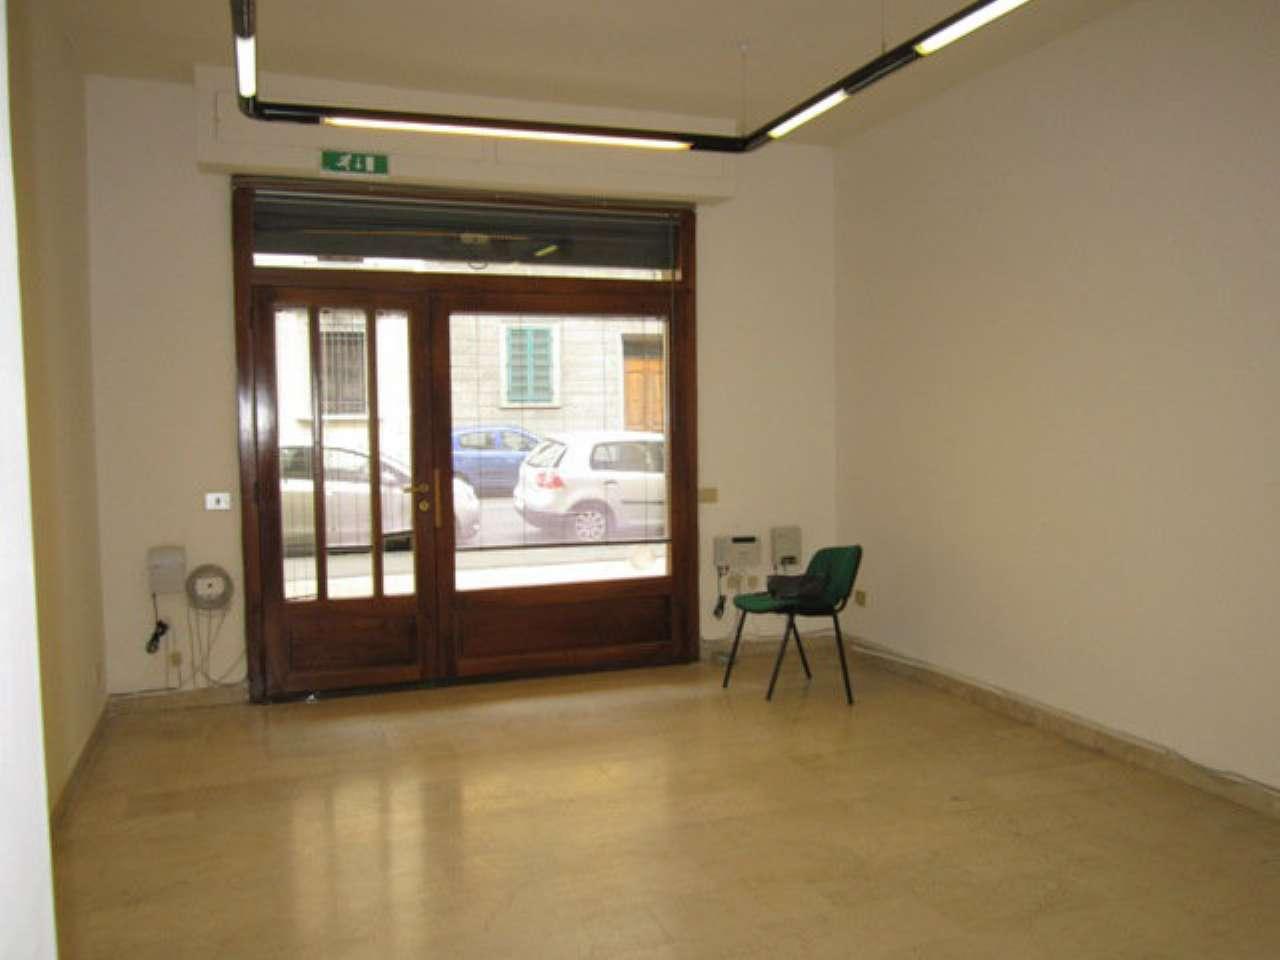 Negozio / Locale in vendita a Firenze, 2 locali, zona Zona: 11 . Viali, prezzo € 110.000 | CambioCasa.it